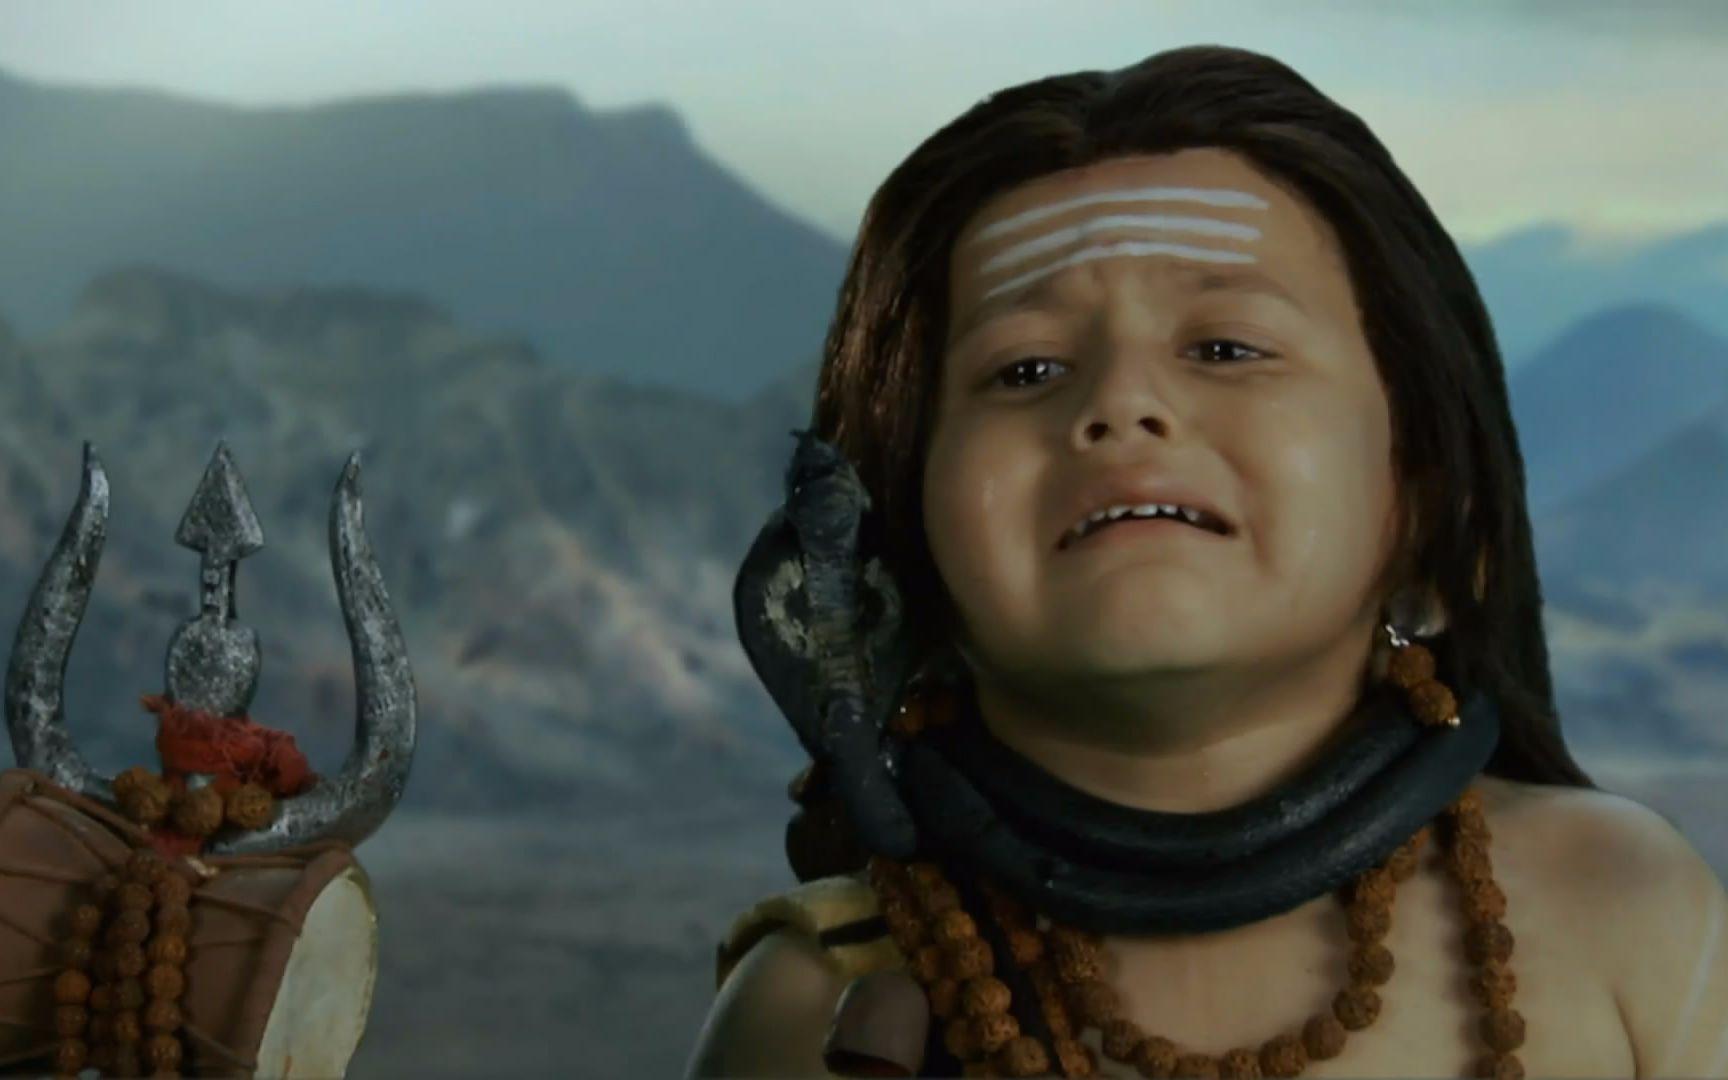 【印度神话剧dkdm】众神之神 tv326~330(林伽字幕组)图片